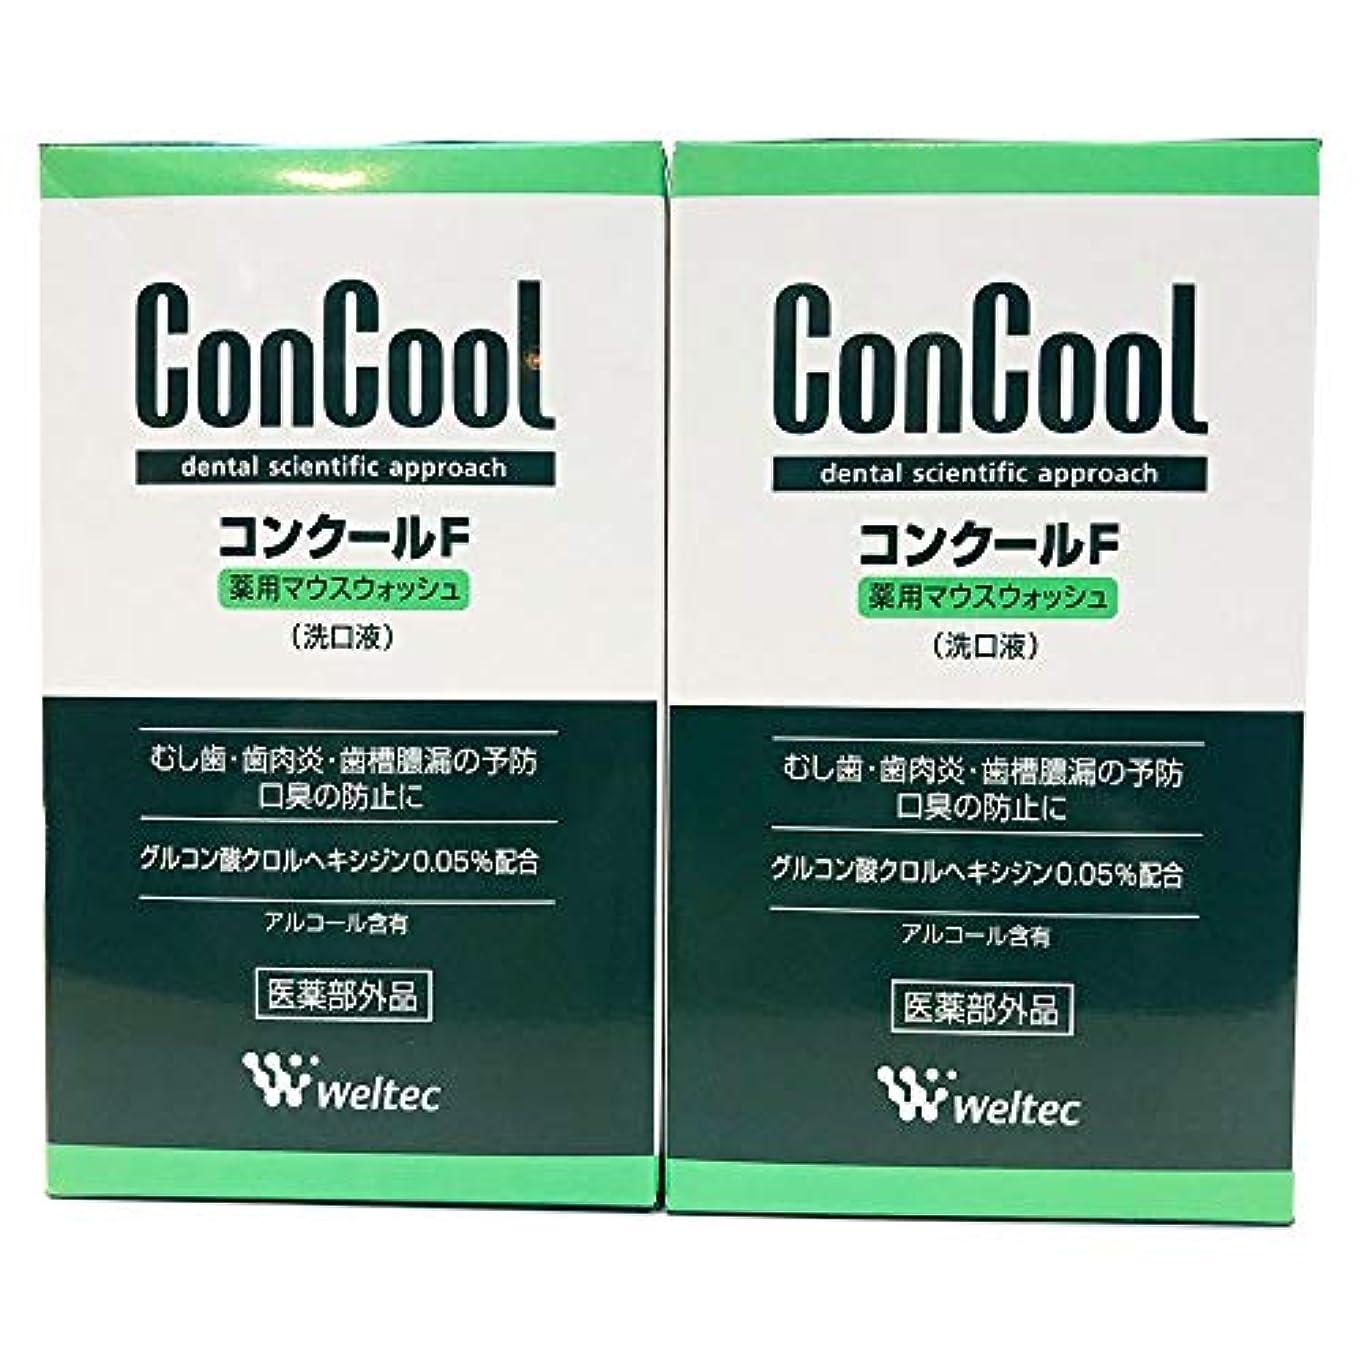 オゾン飲料かごウエルテック コンクールF 100ml ×2 本 医薬部外品